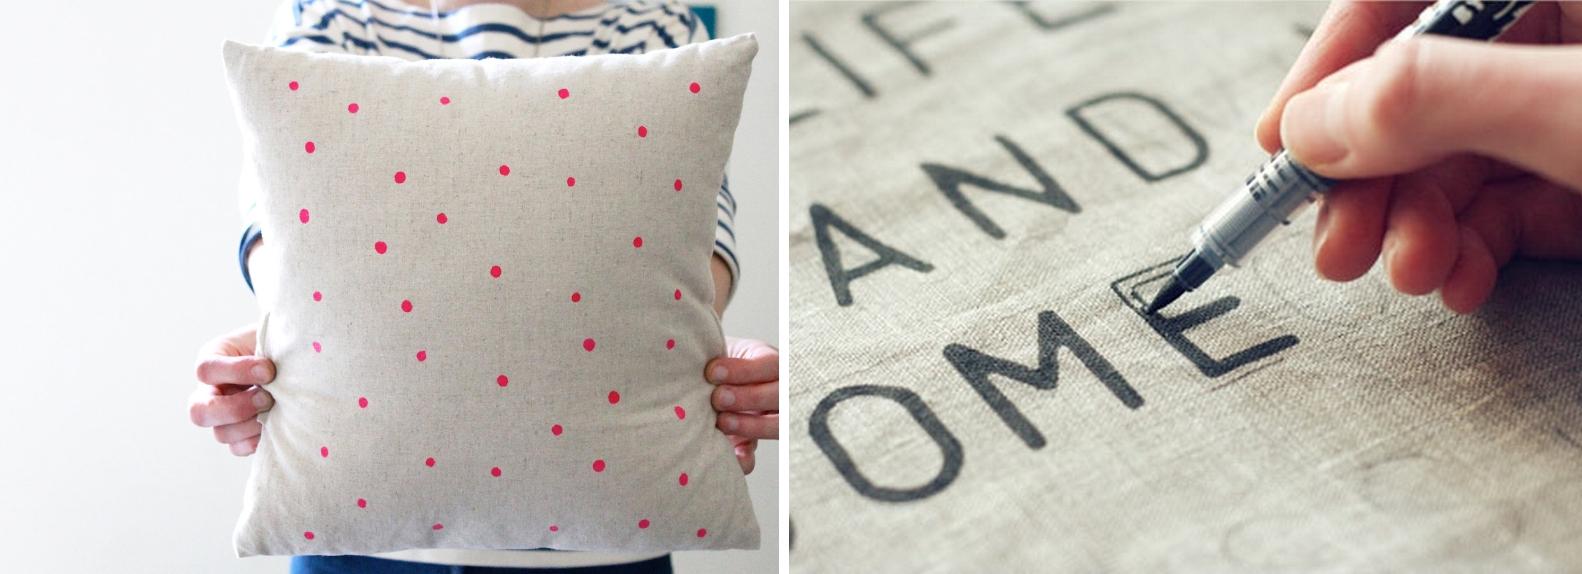 stencilled-cushion-DIY